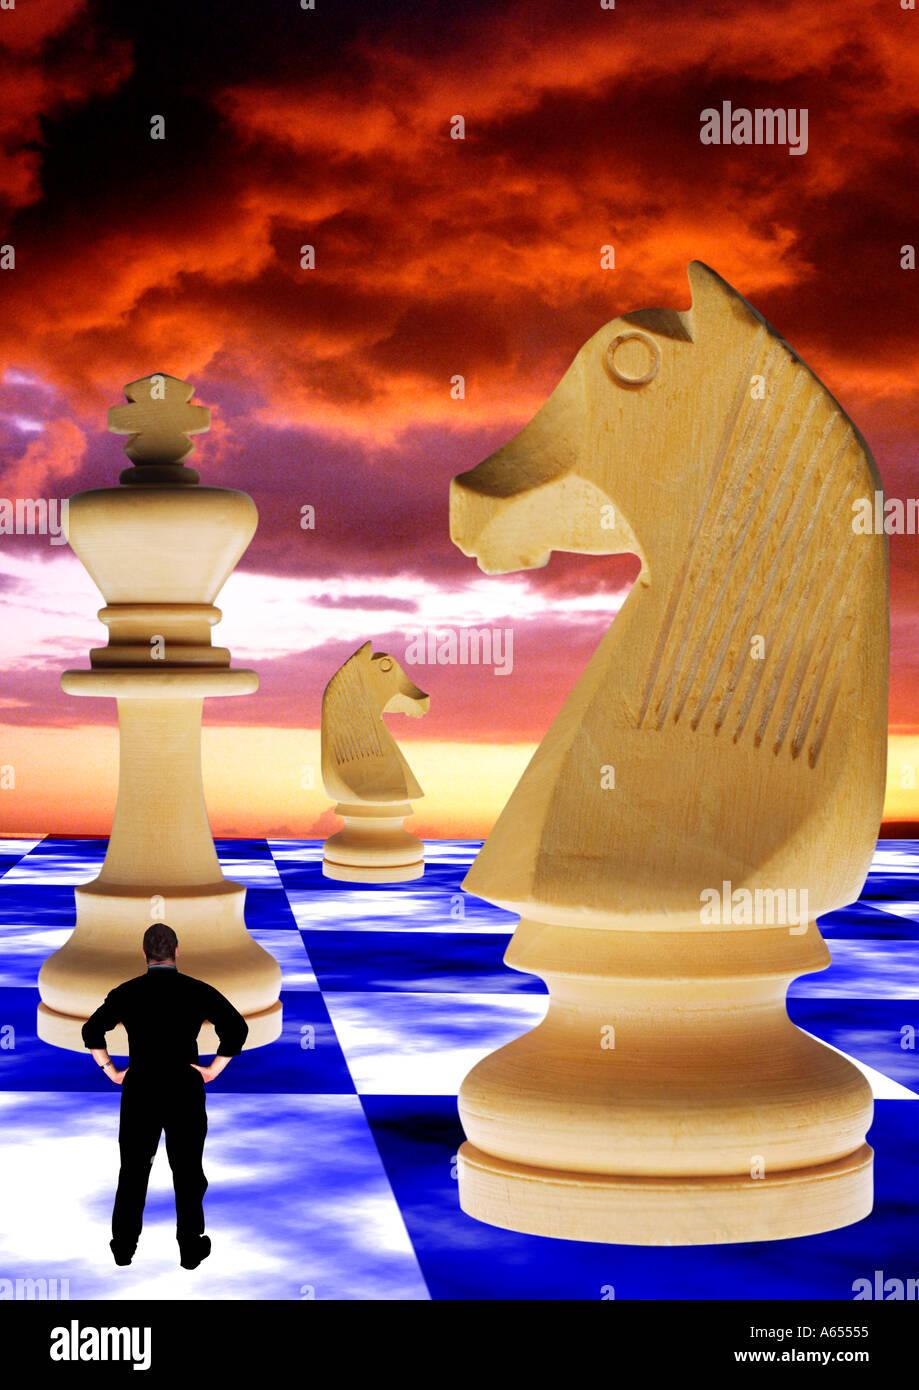 Petit, tout petit, l'homme regarde, Giant, échecs, pièces, Jeu, concept abstrait effets spéciaux, stratégie, théorie, étude, rationnelle, mathématique, modèle, Photo Stock